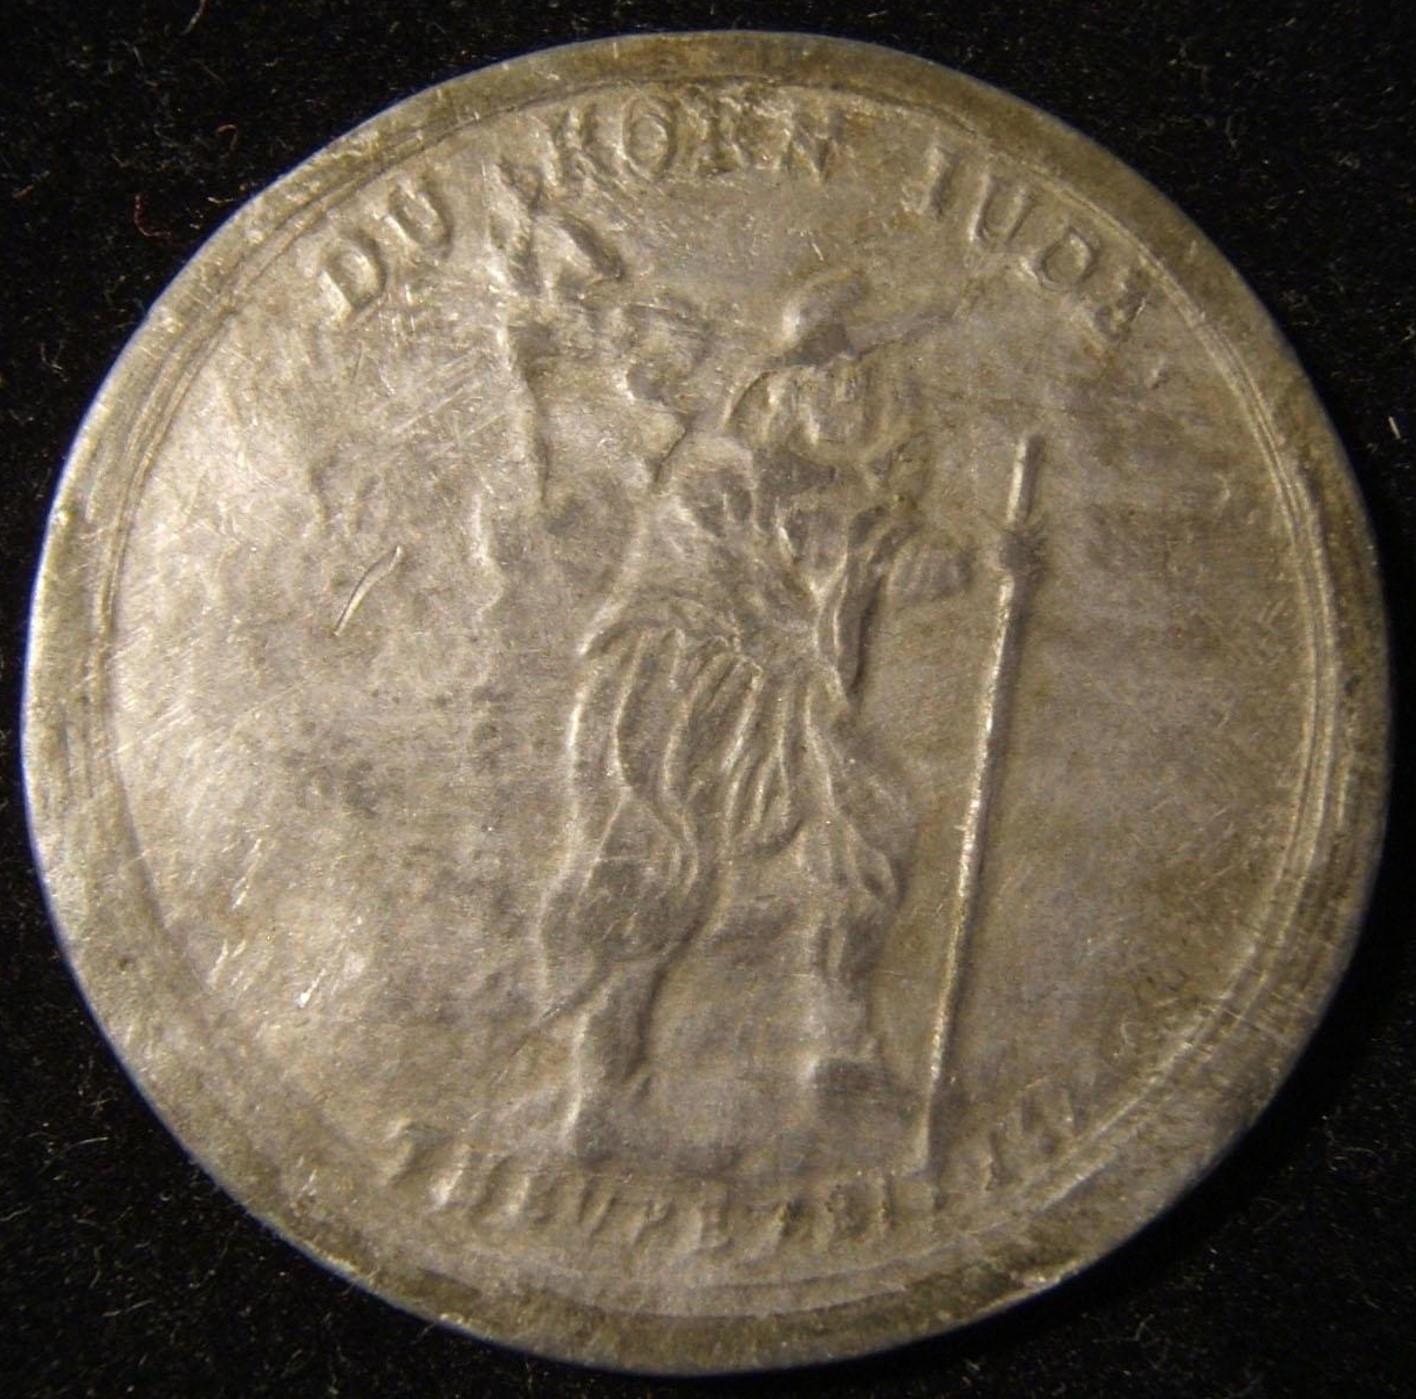 יהדות גרמניה אנטישמית תליון תירס יהודי מדליה על ידי ג 'ורמוט, 1694-5